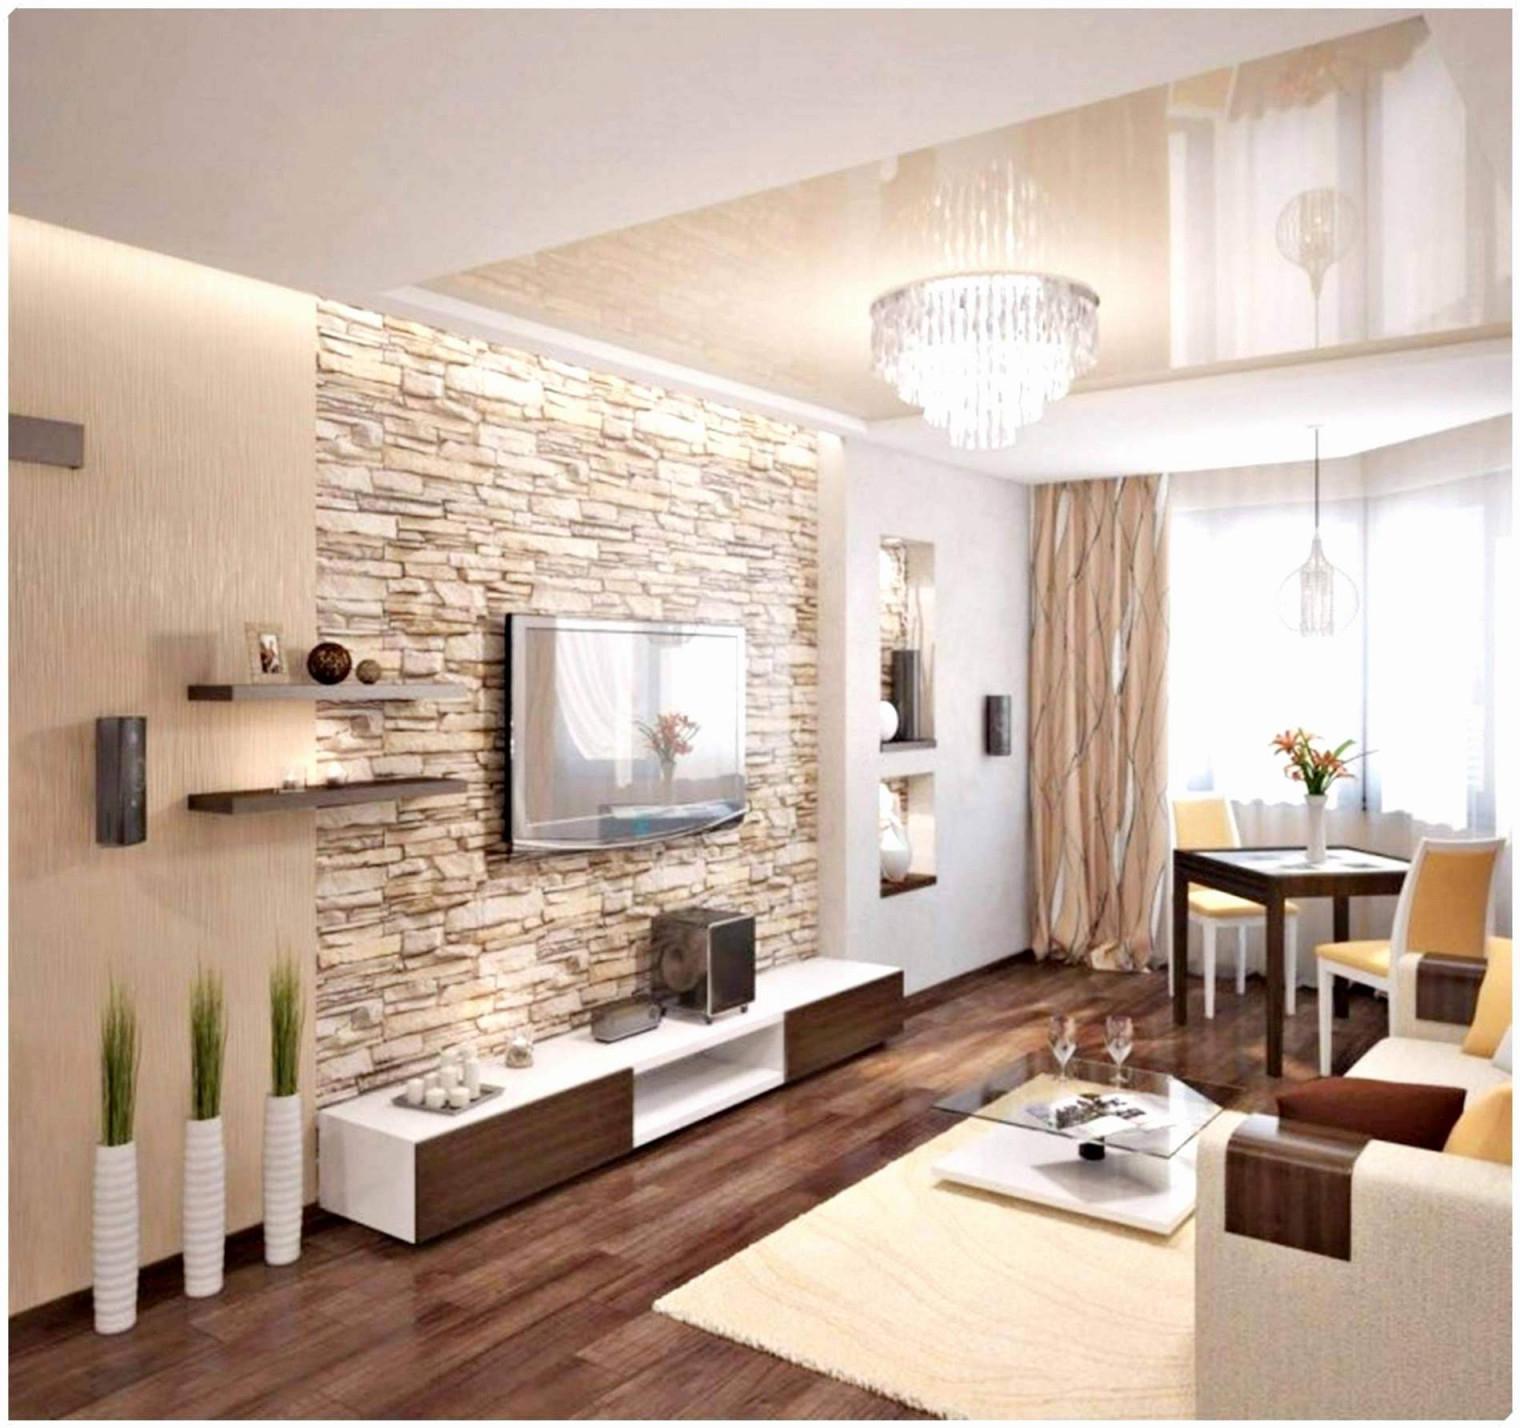 37 Luxus Tapeten Kombinationen Wohnzimmer Reizend von Tapeten Für Wohnzimmer Ideen Photo